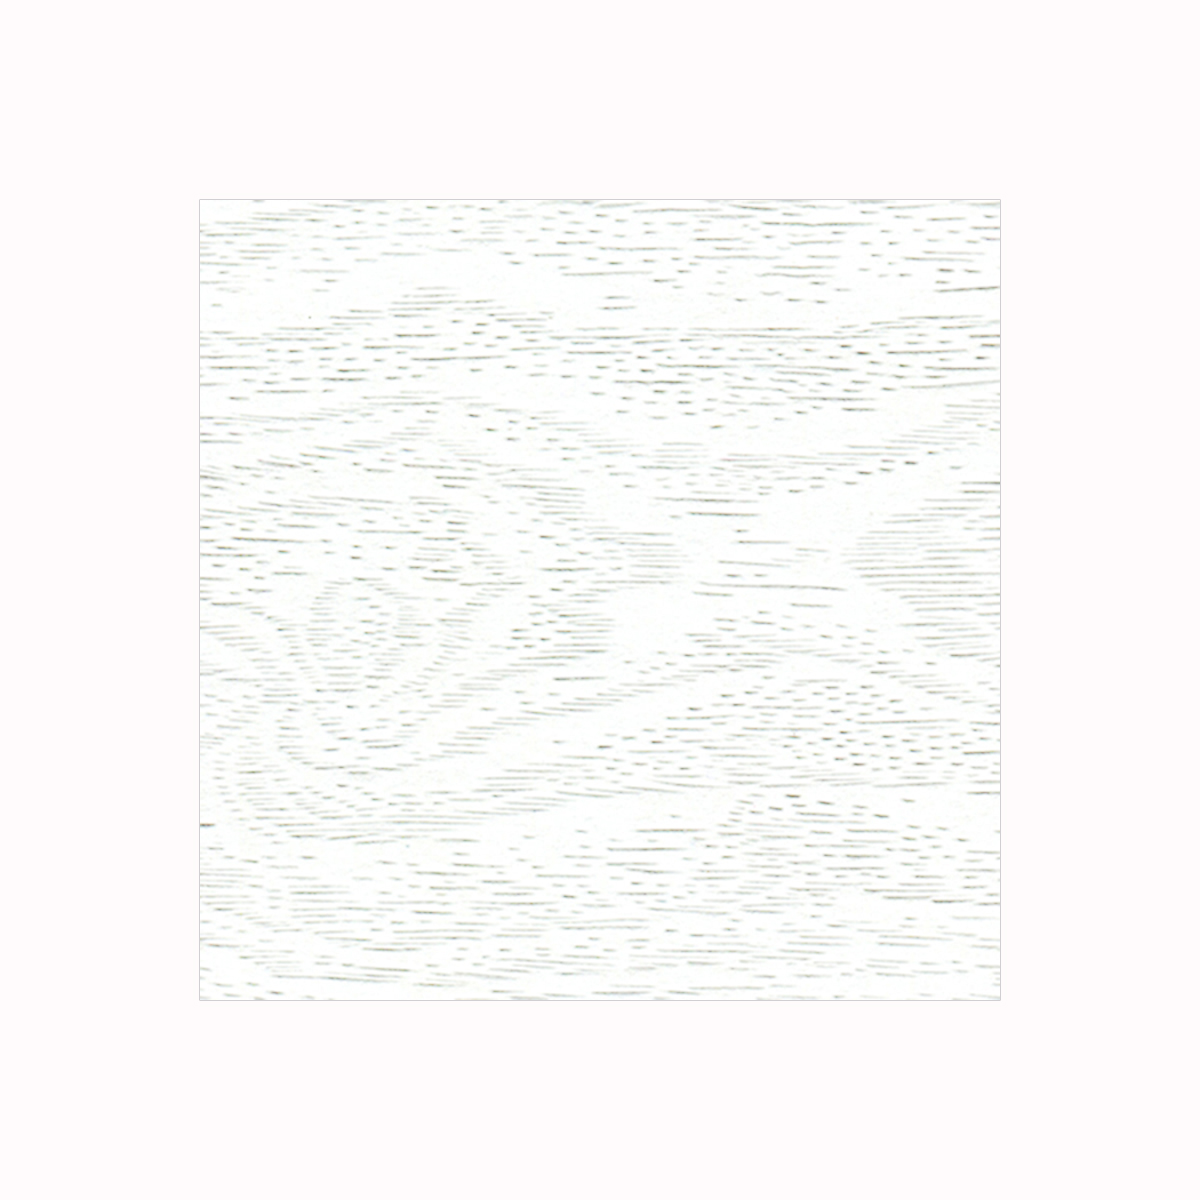 Бумага фактурная Лоза Дерево, цвет: белый, 3 листа582221Фактурная бумага для скрапбукинга Лоза Дерево позволит создать красивый альбом, фоторамку или открытку ручной работы, оформить подарок или аппликацию. Набор включает в себя 3 листа из плотной бумаги.Скрапбукинг - это хобби, которое способно приносить массу приятных эмоций не только человеку, который этим занимается, но и его близким, друзьям, родным. Это невероятно увлекательное занятие, которое поможет вам сохранить наиболее памятные и яркие моменты вашей жизни, а также интересно оформить интерьер дома. Плотность бумаги: 200 г/м2.